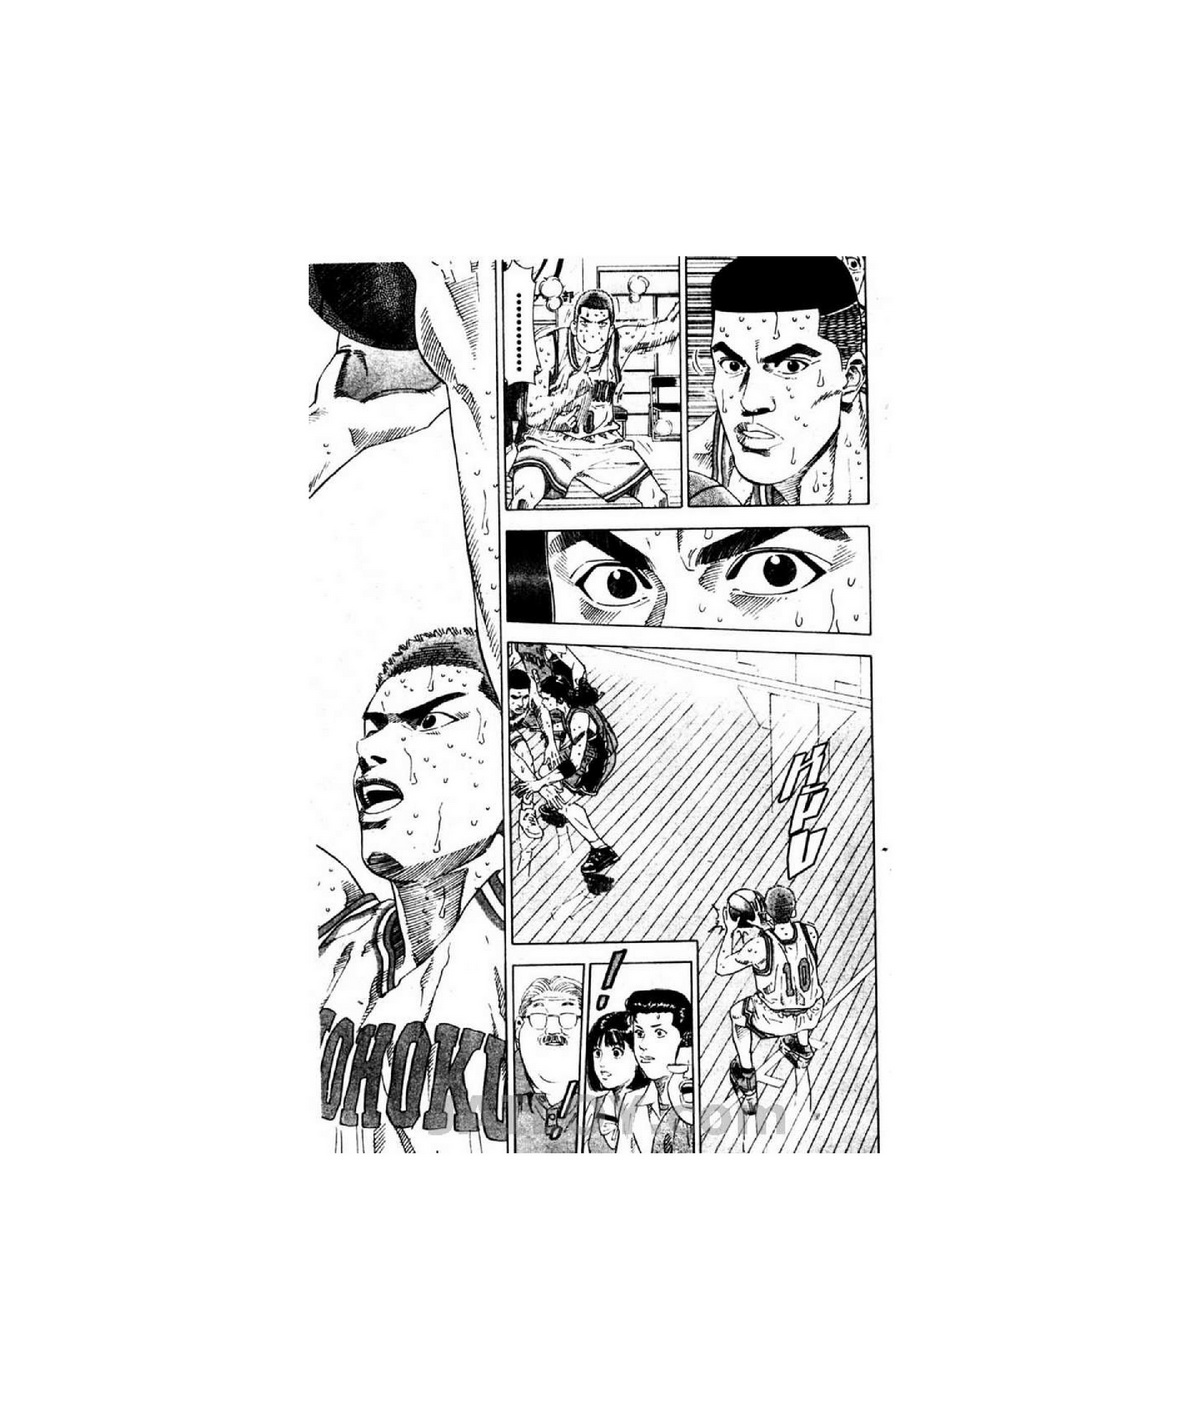 Slamdunk สแลมดังก์ เล่มที่ 24 TH แปลไทย อ่านการ์ตูนออนไลน์